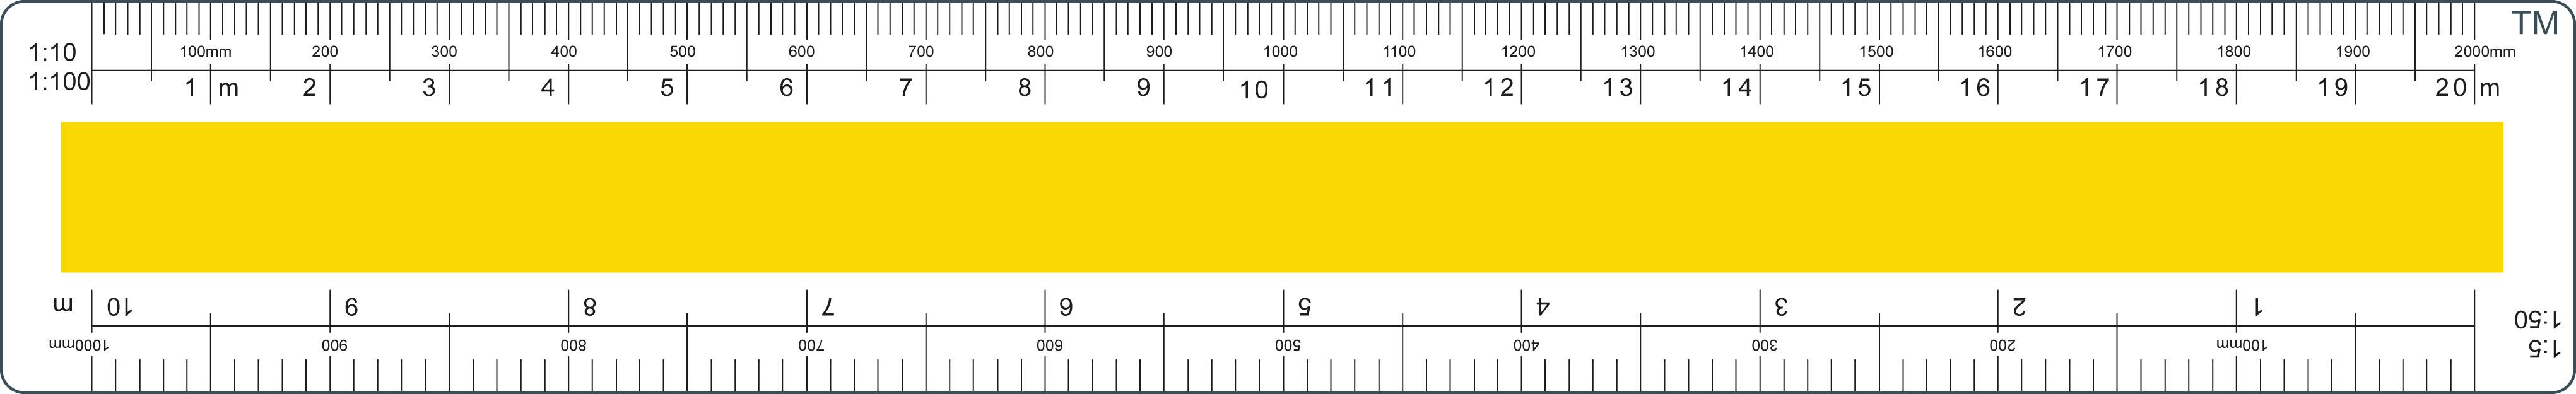 Estimators_Scale_Rule_20cm